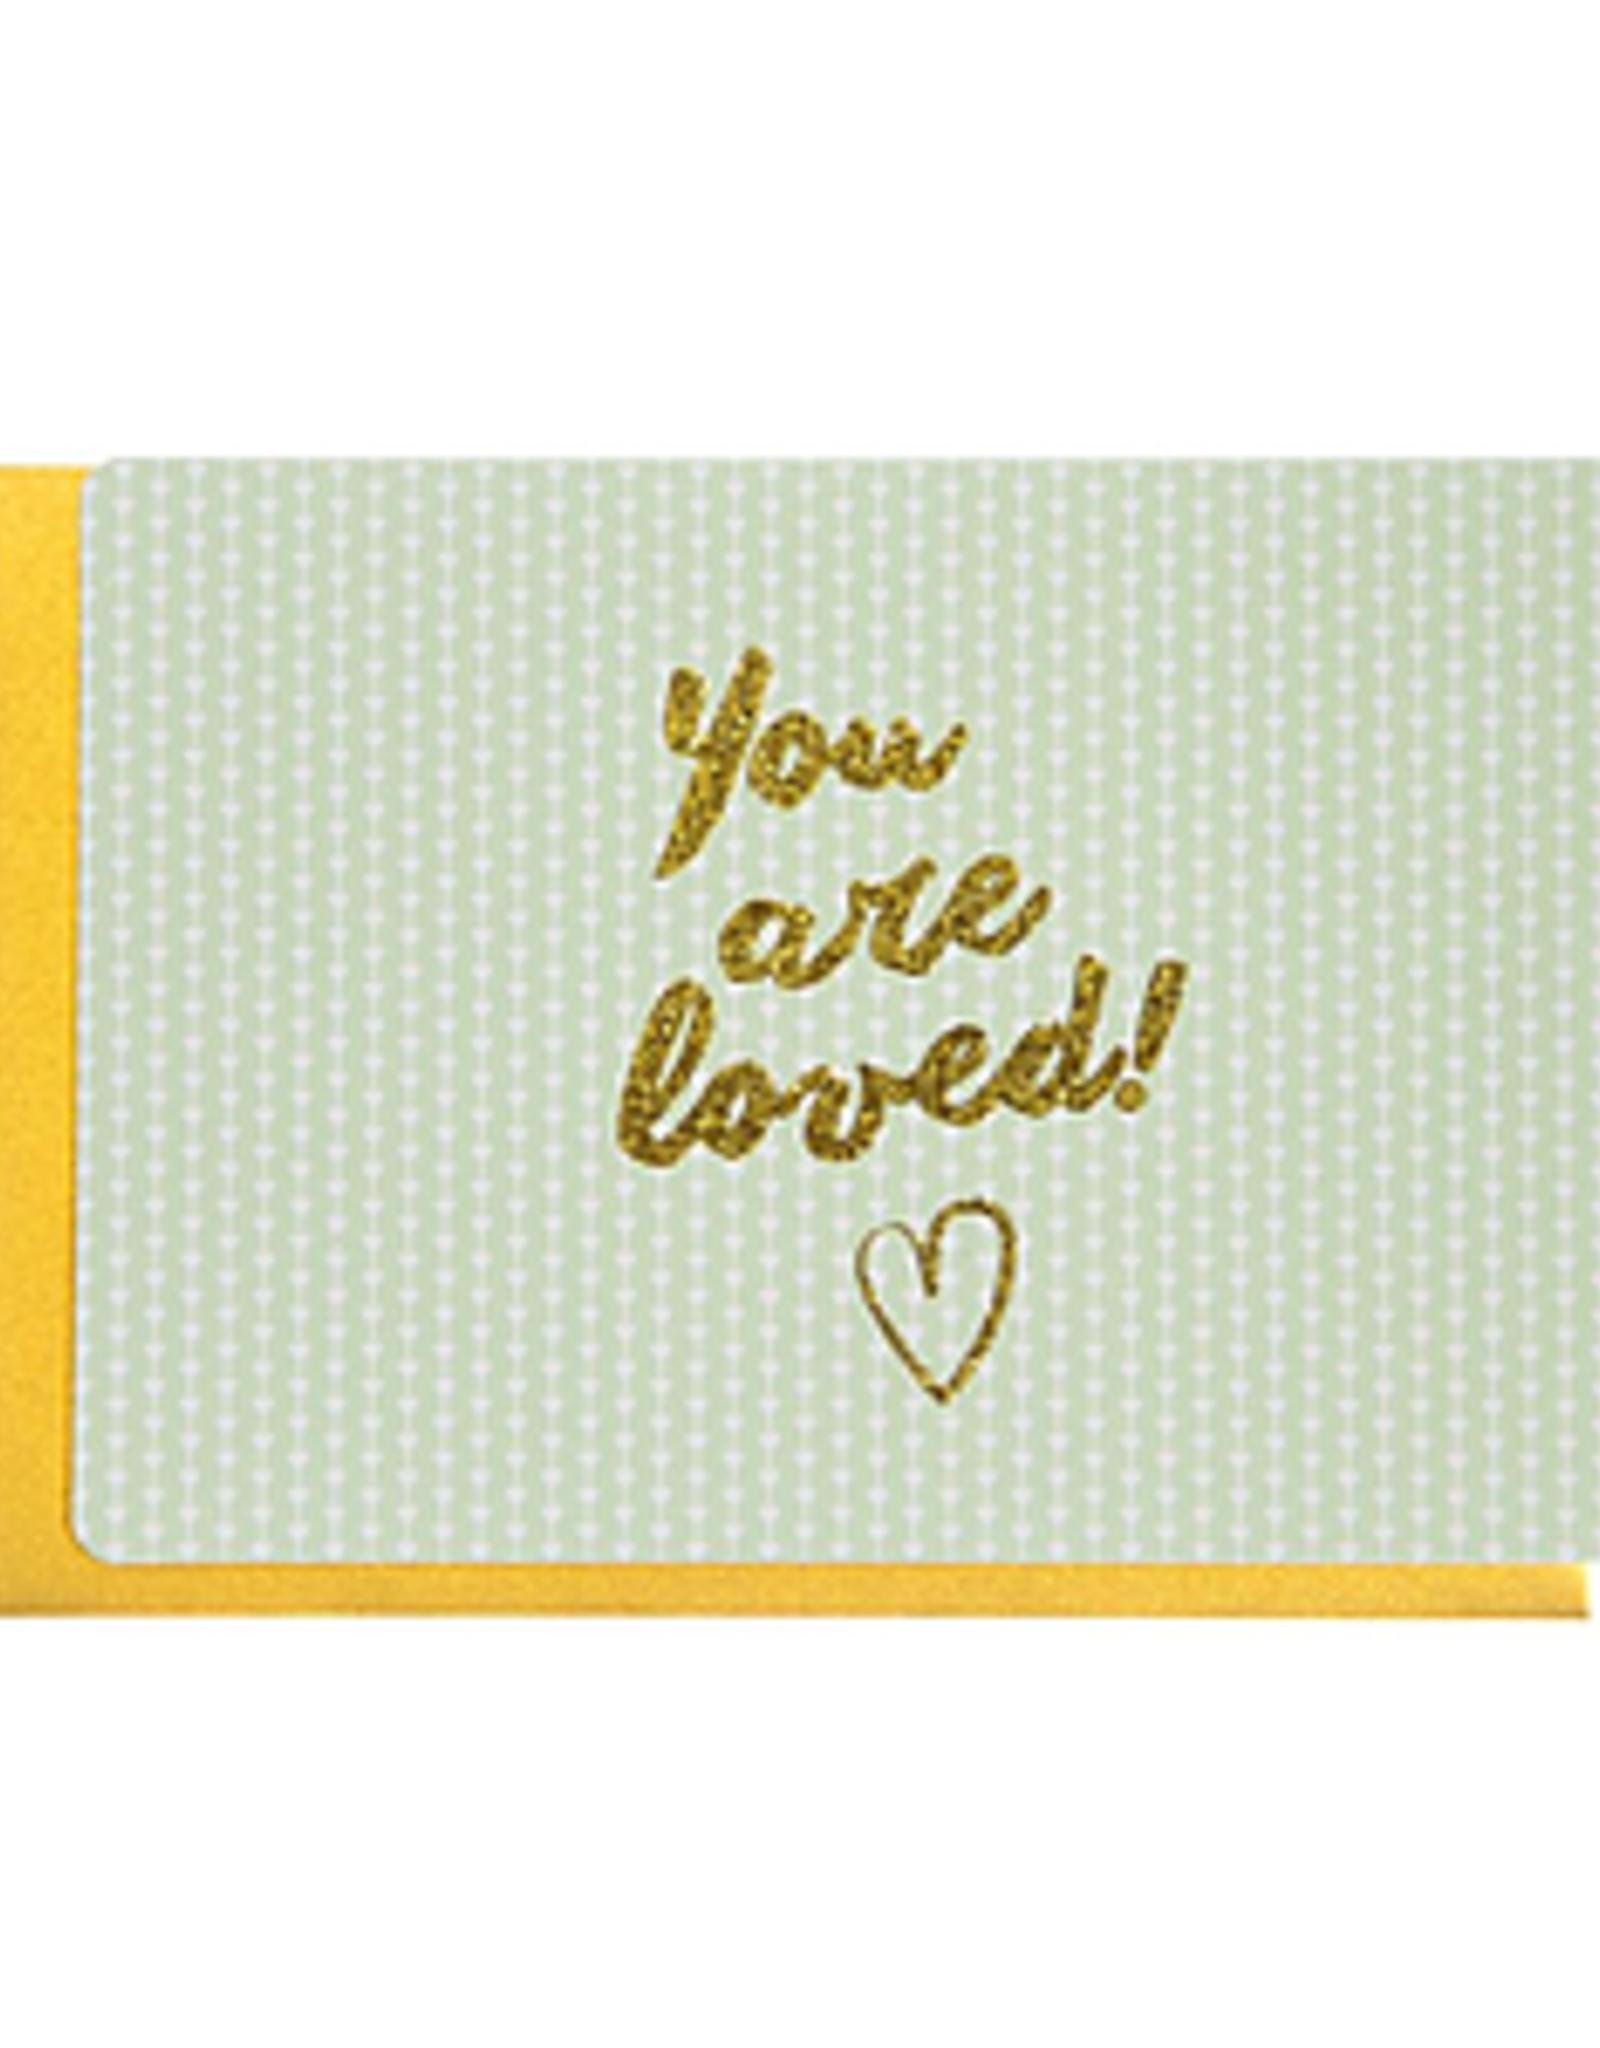 Enfant Terrible Dubbele wenskaart Enfant terrible: you are loved